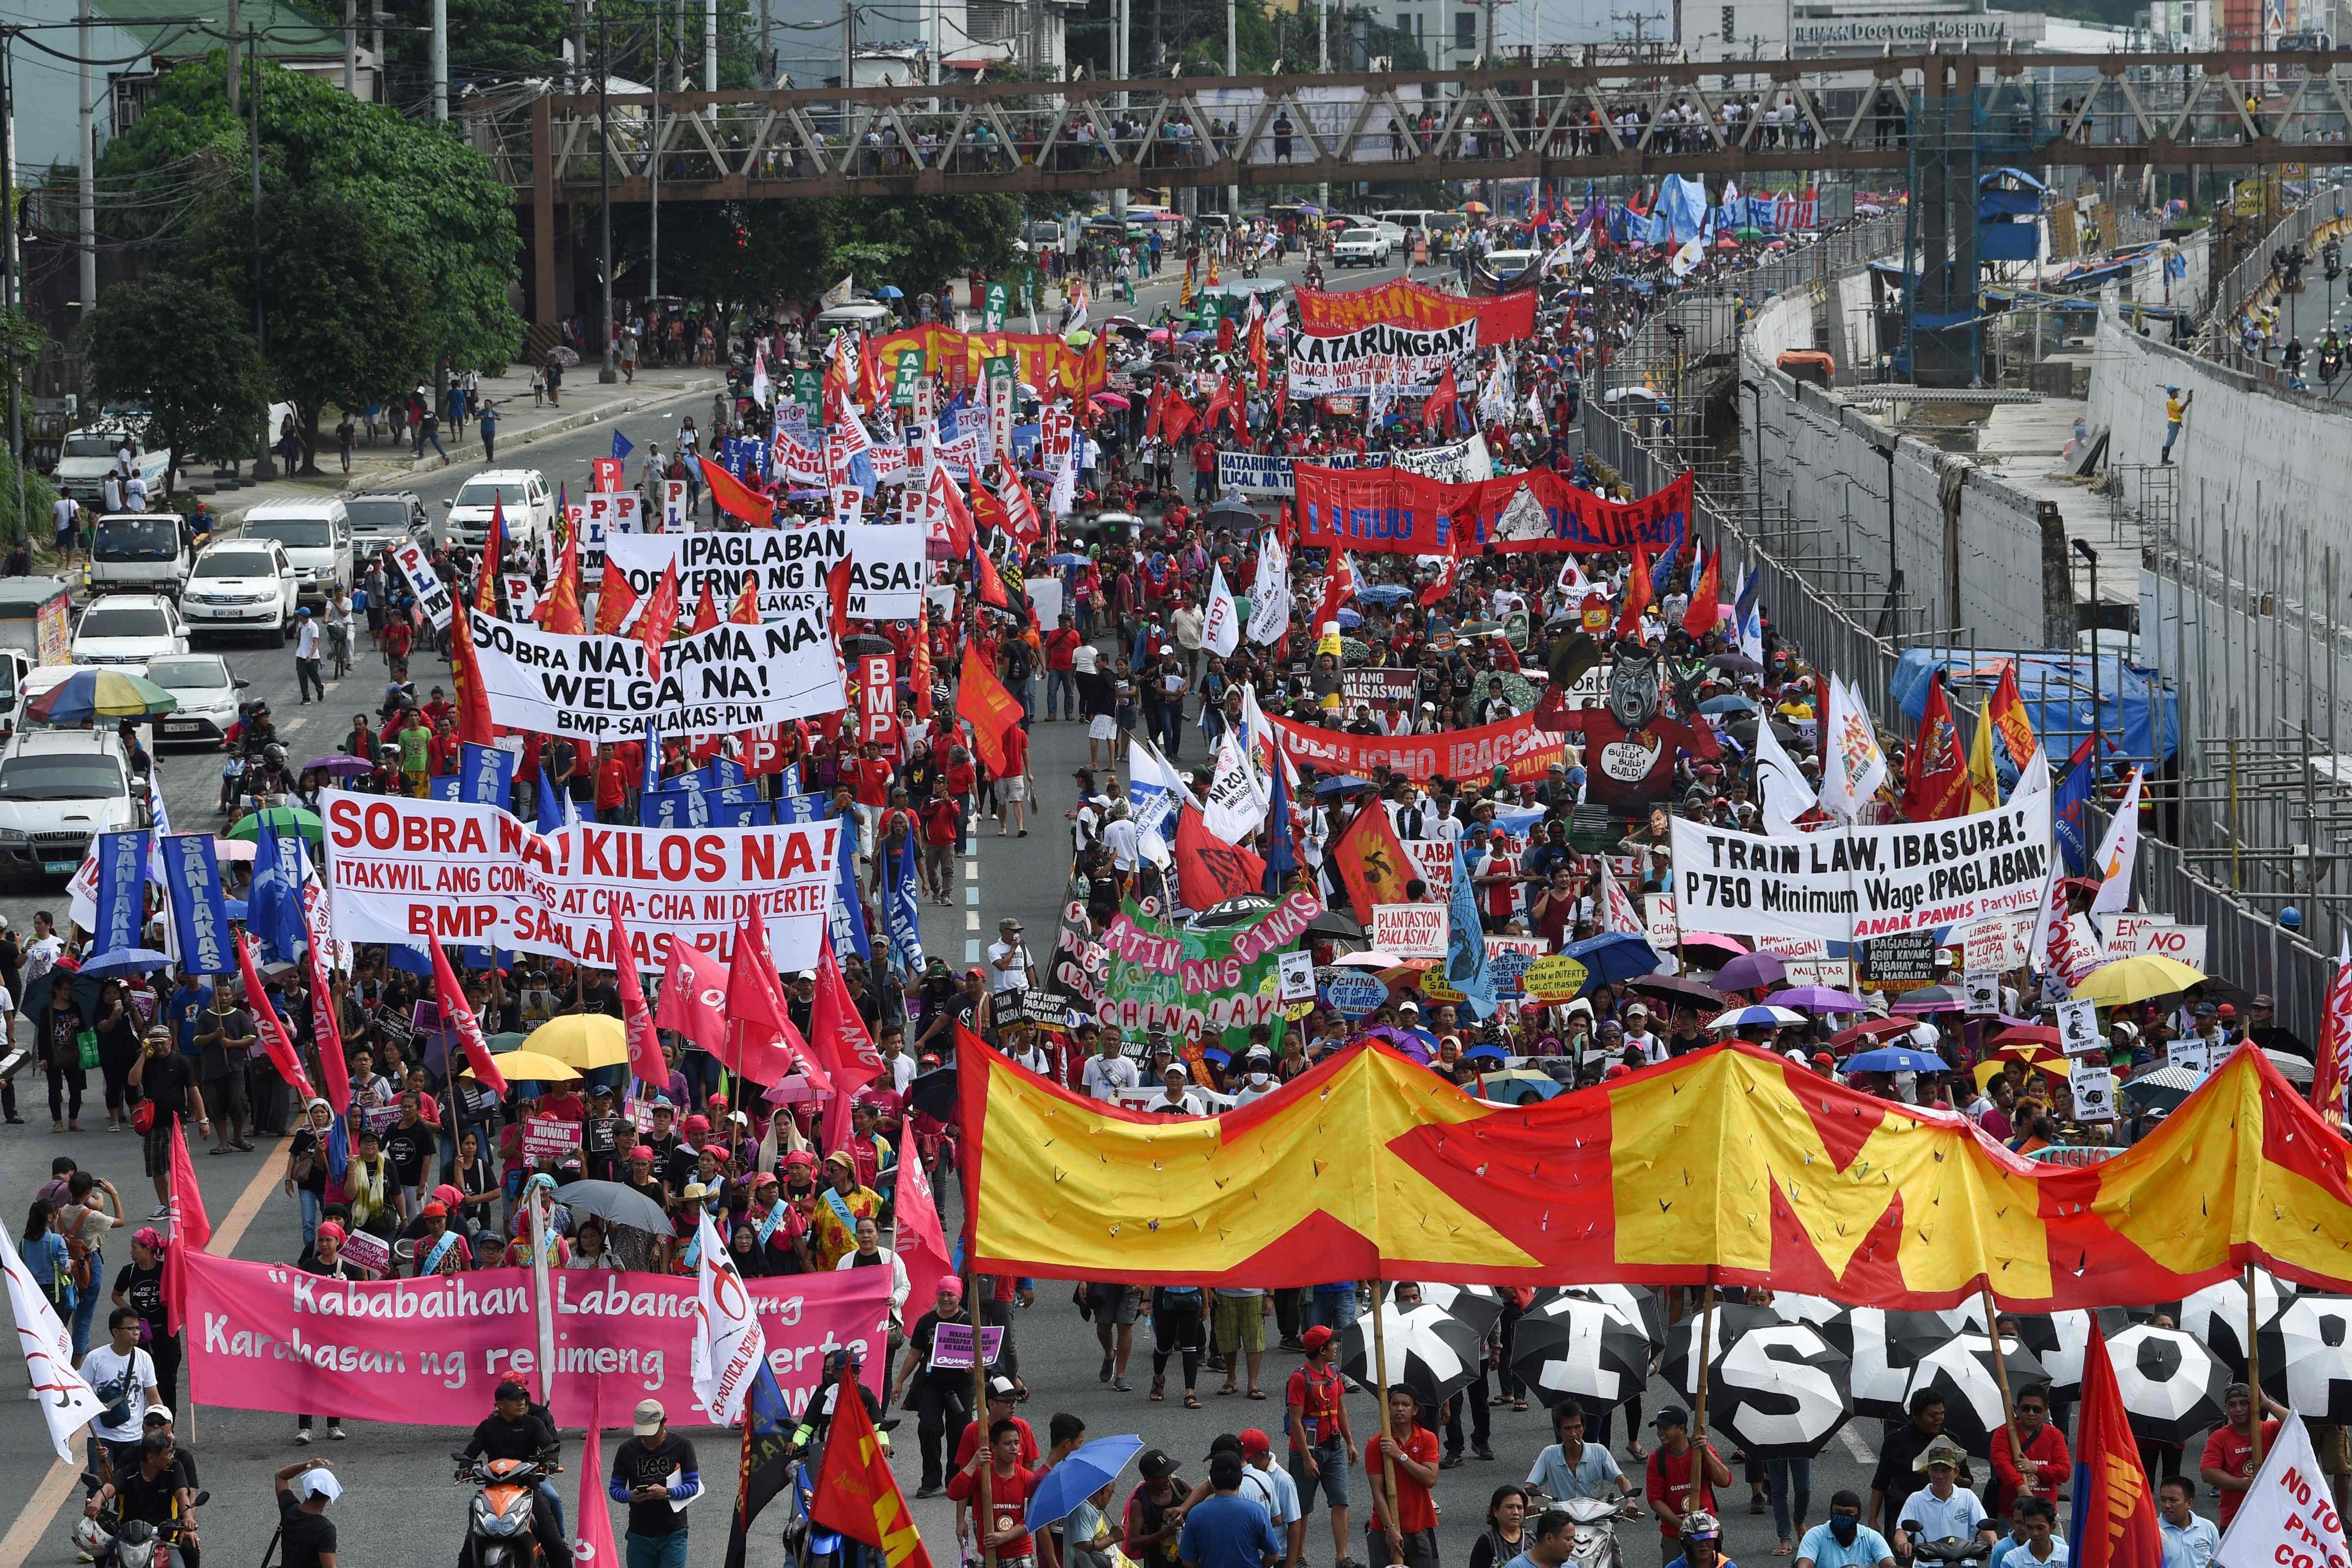 متظاهرون فى الفلبين ضد رئيس بلادهم